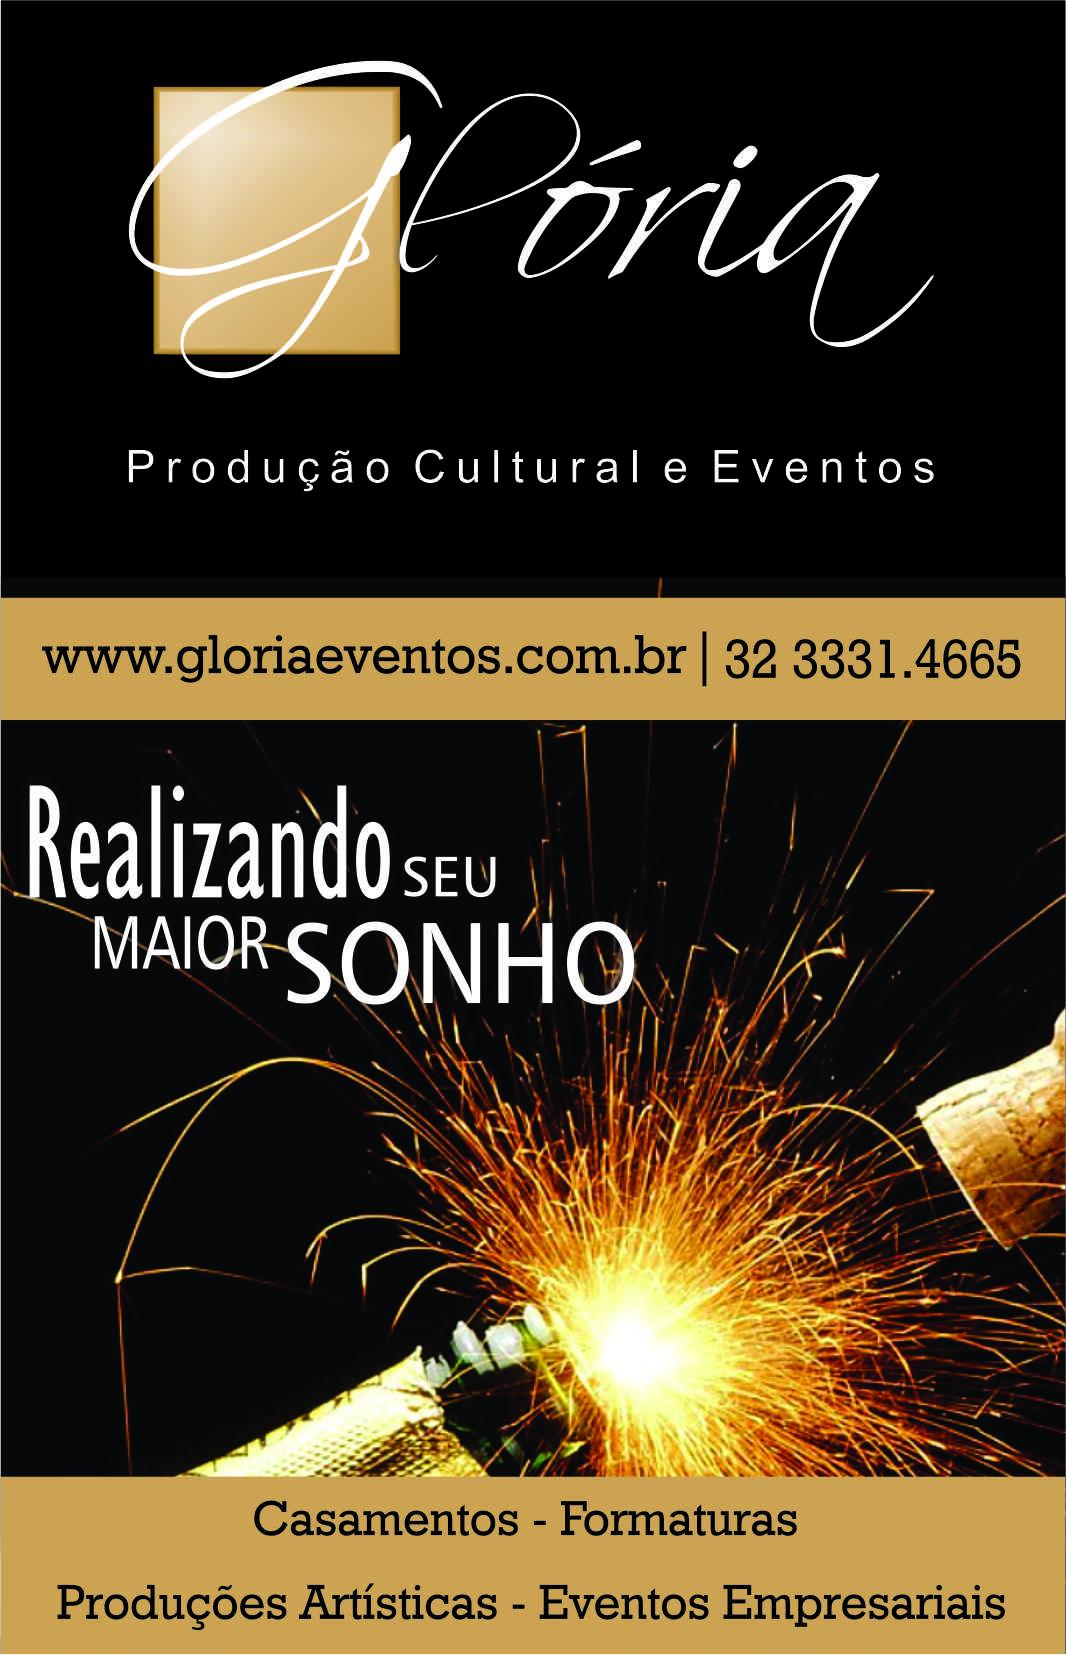 Glória Eventos